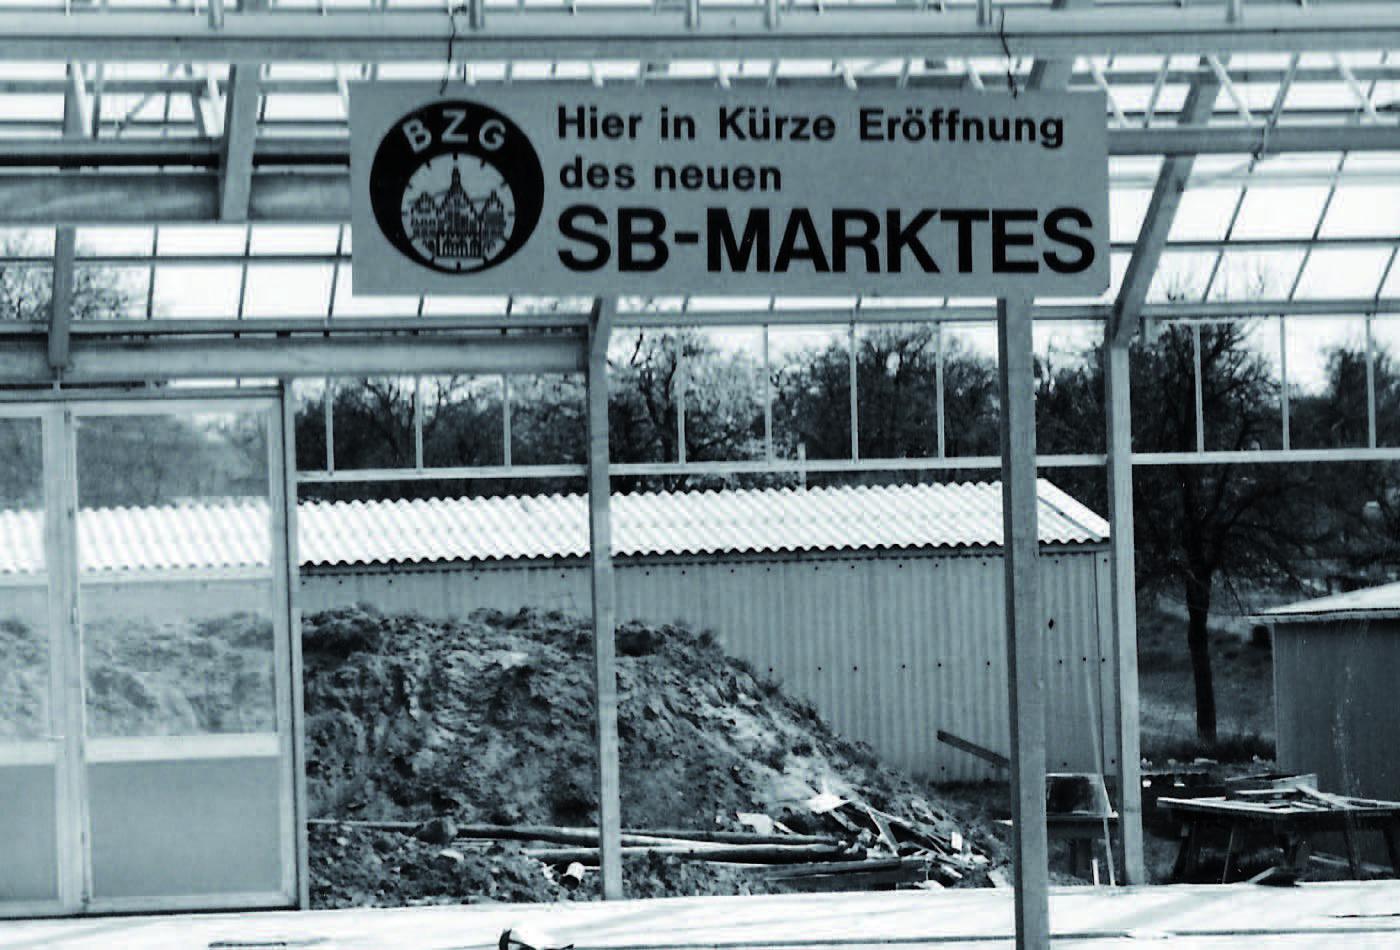 Ankündigung des neuen SB-Marktes